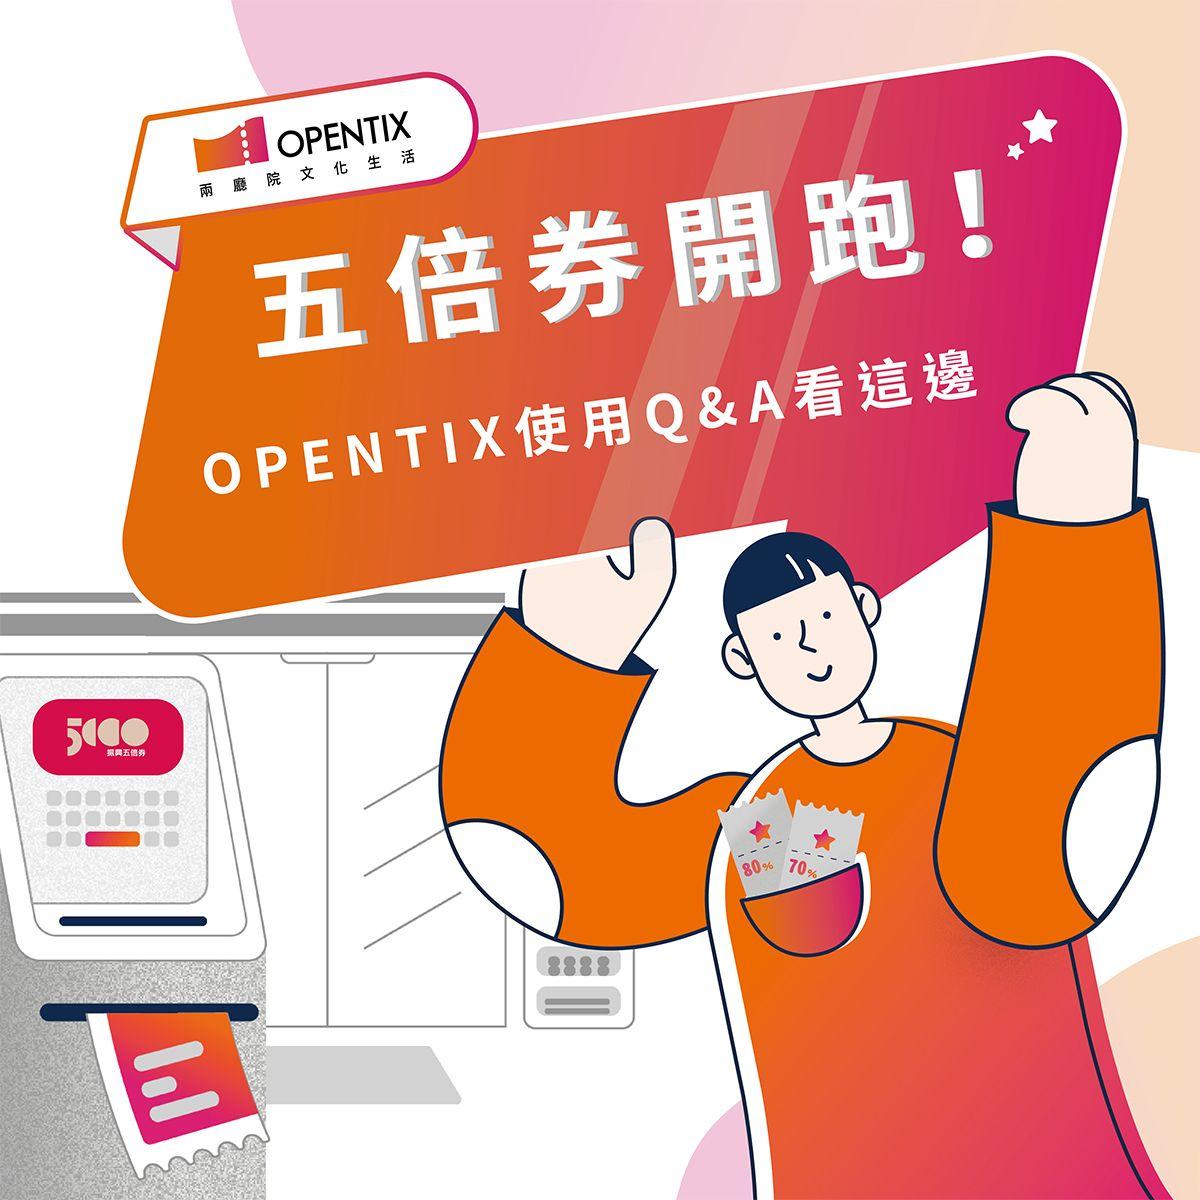 歡迎至 OPENTIX 使用振興五倍券,使用方式看這邊